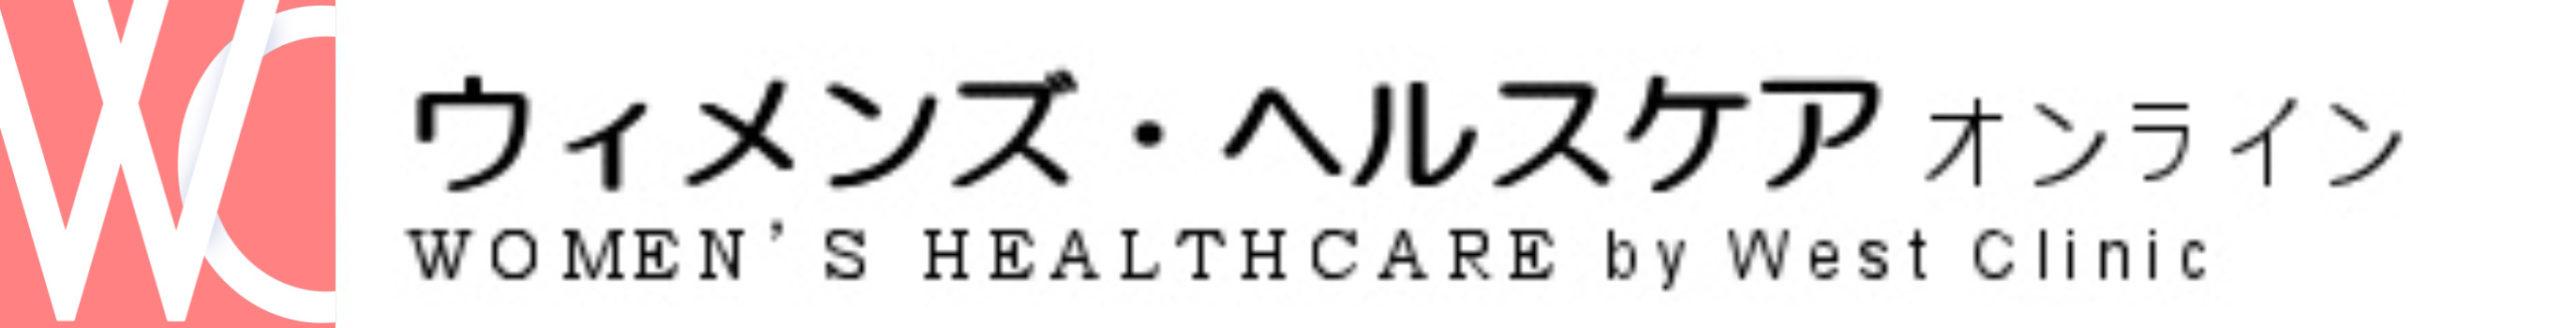 ウィメンズ・ヘルスケア・オンライン